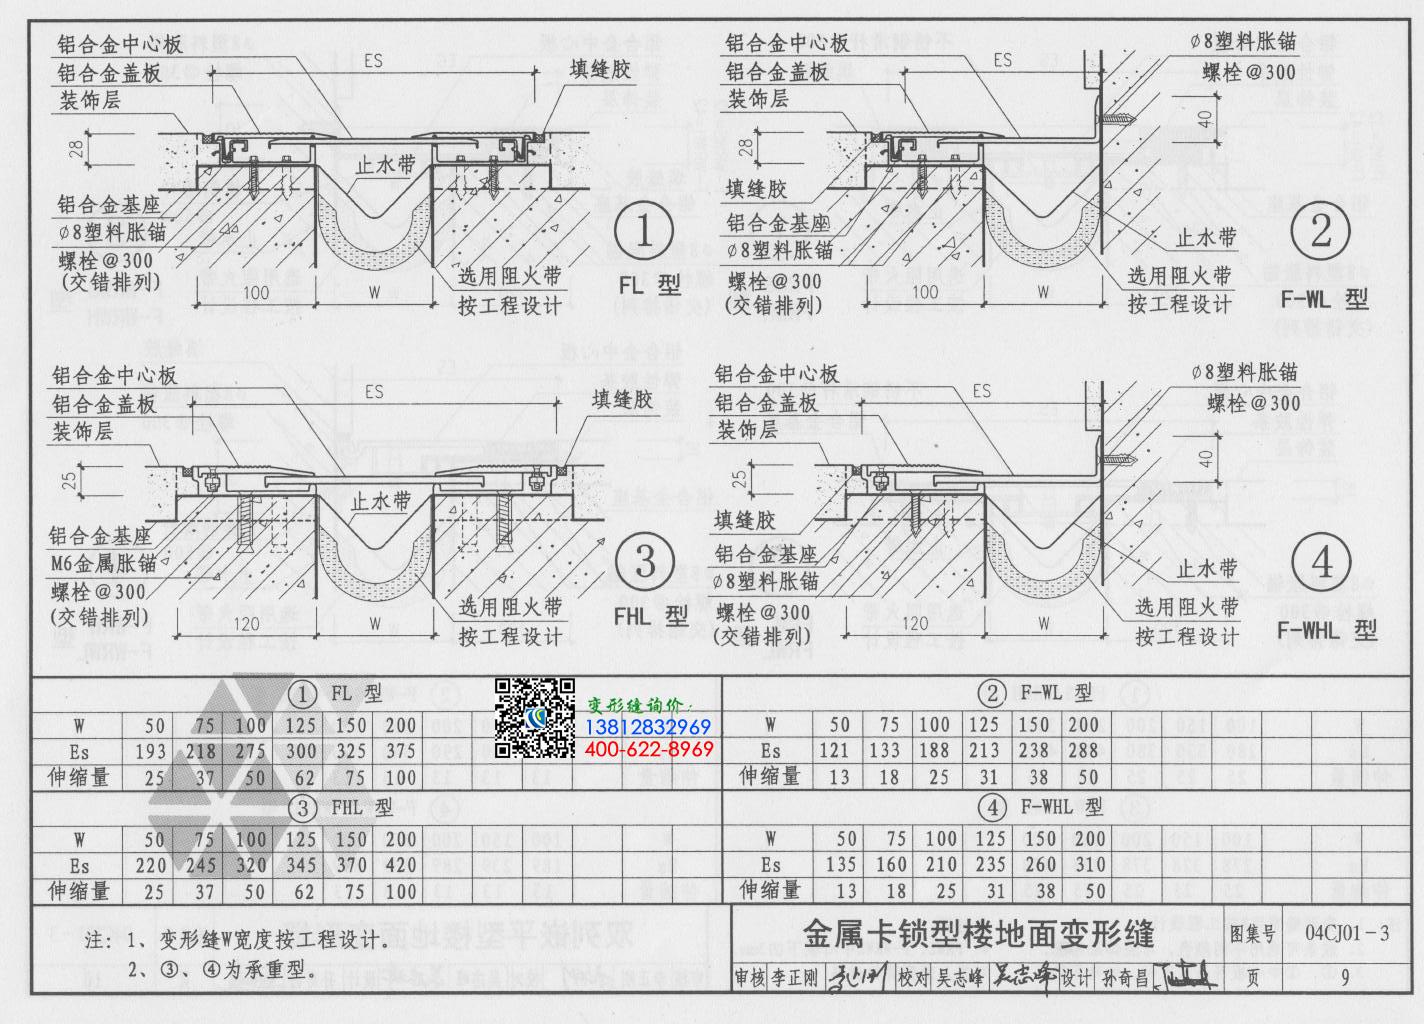 变形缝图集04cj01-3第9页:金属卡锁型楼地面变形缝